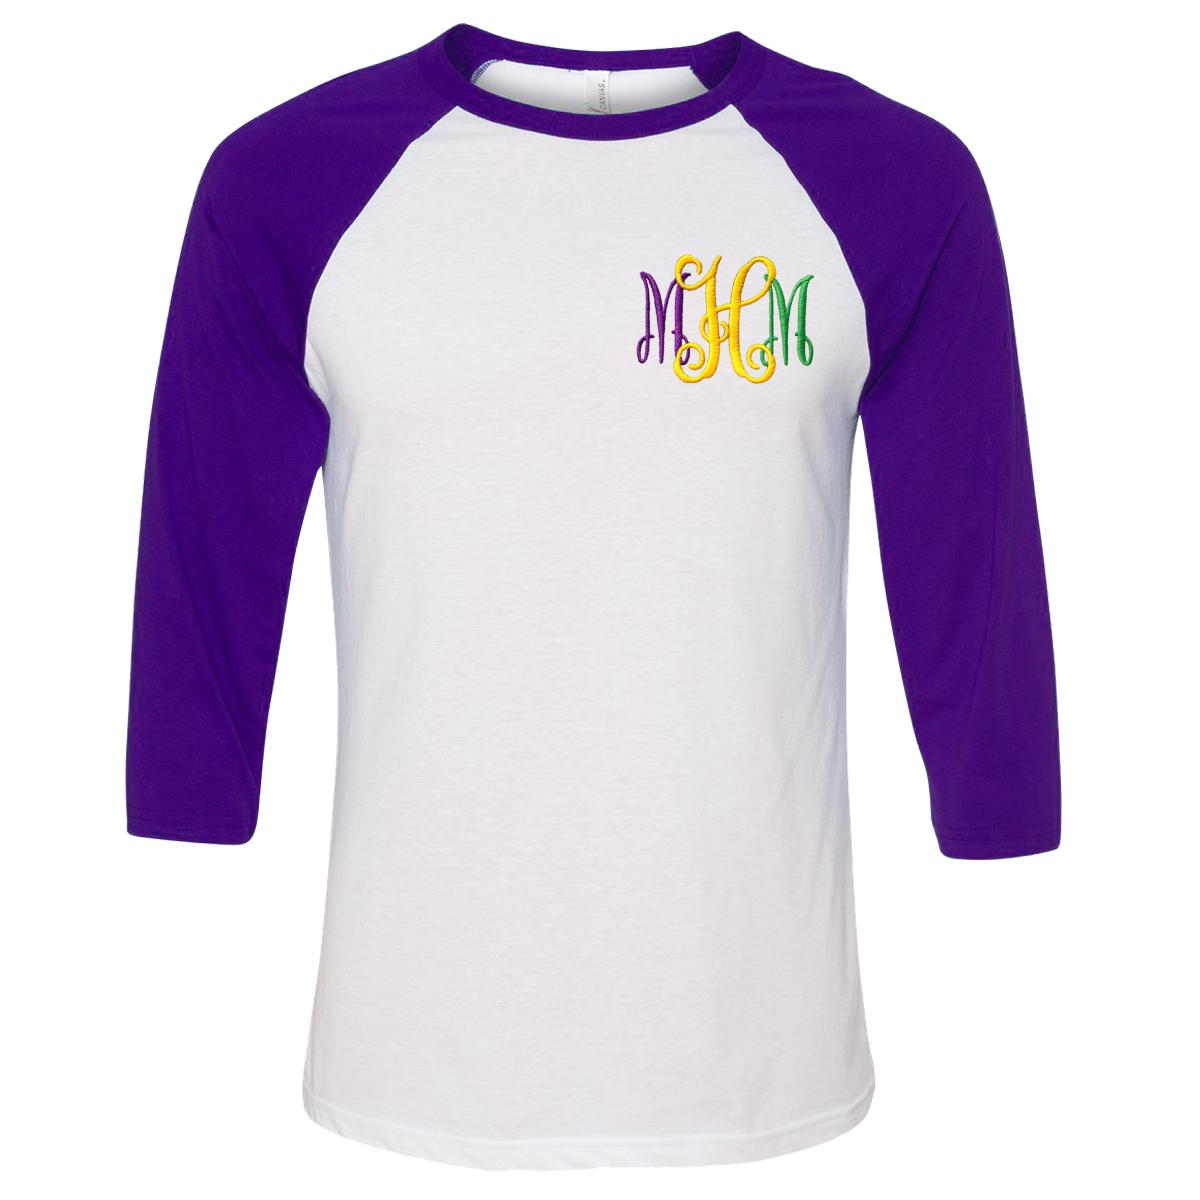 baseball tees monogrammed mardi gras baseball tee - purple NNNCOYS